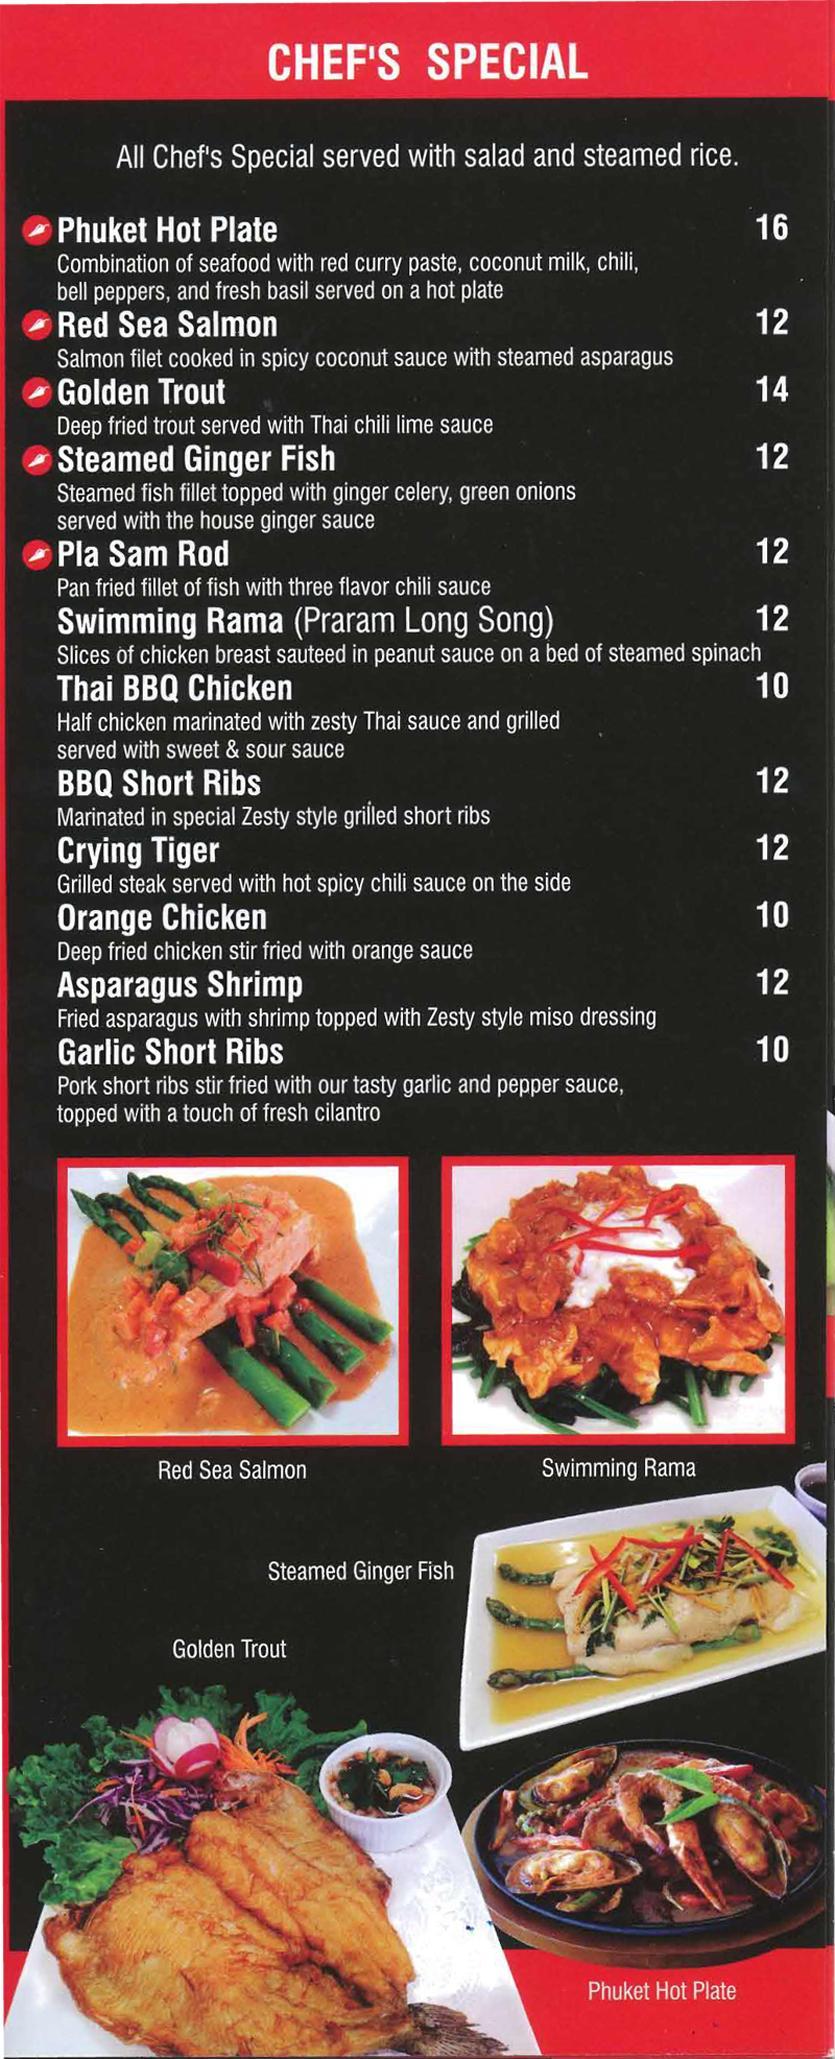 Zesty-Thai-Bistro-Anaheim-Hills-restaurant-menus-1242431-ZestyThai_Menu_4